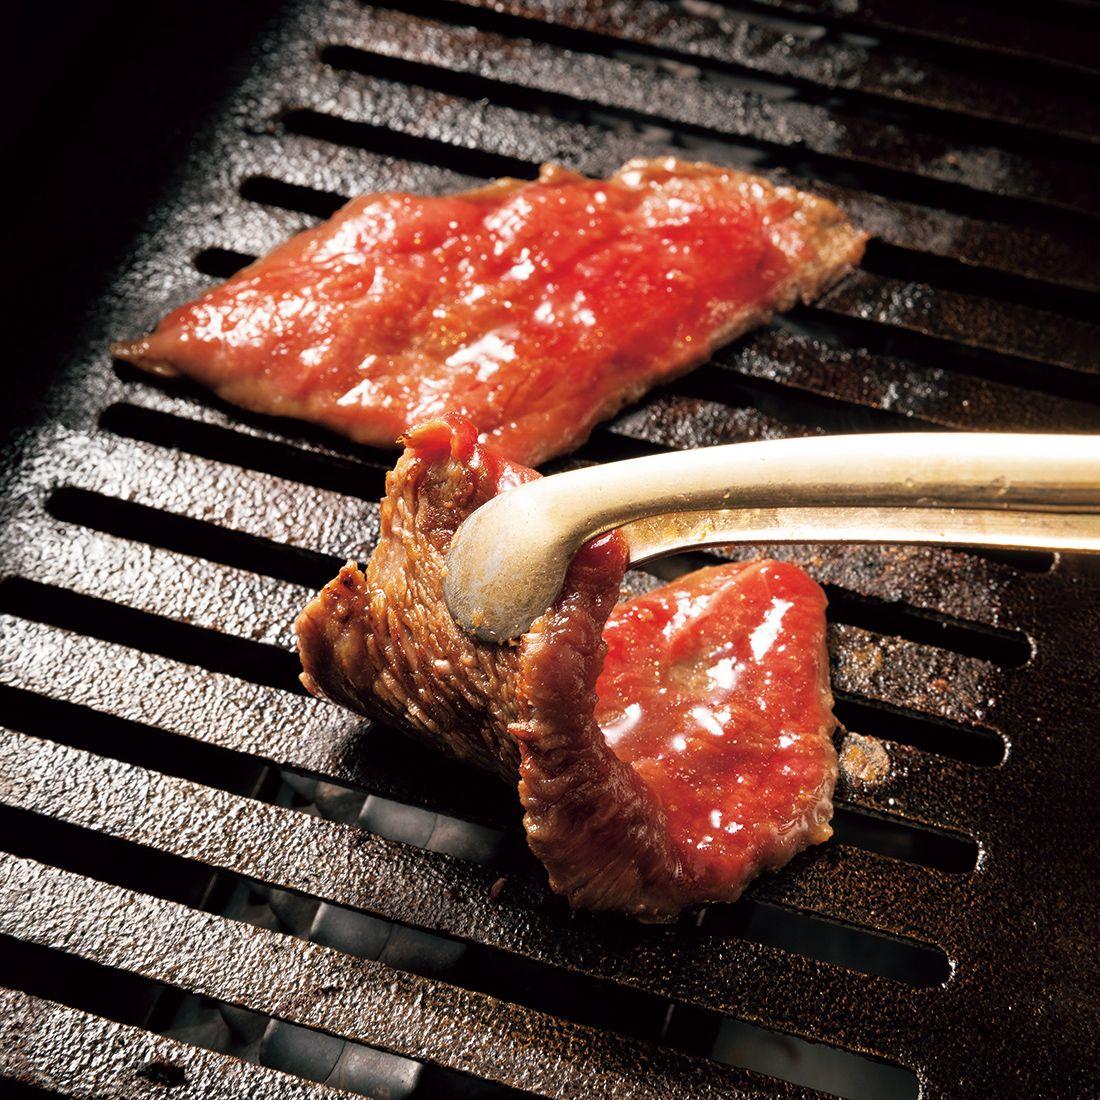 肉は専任の焼き手が焼く趣向。